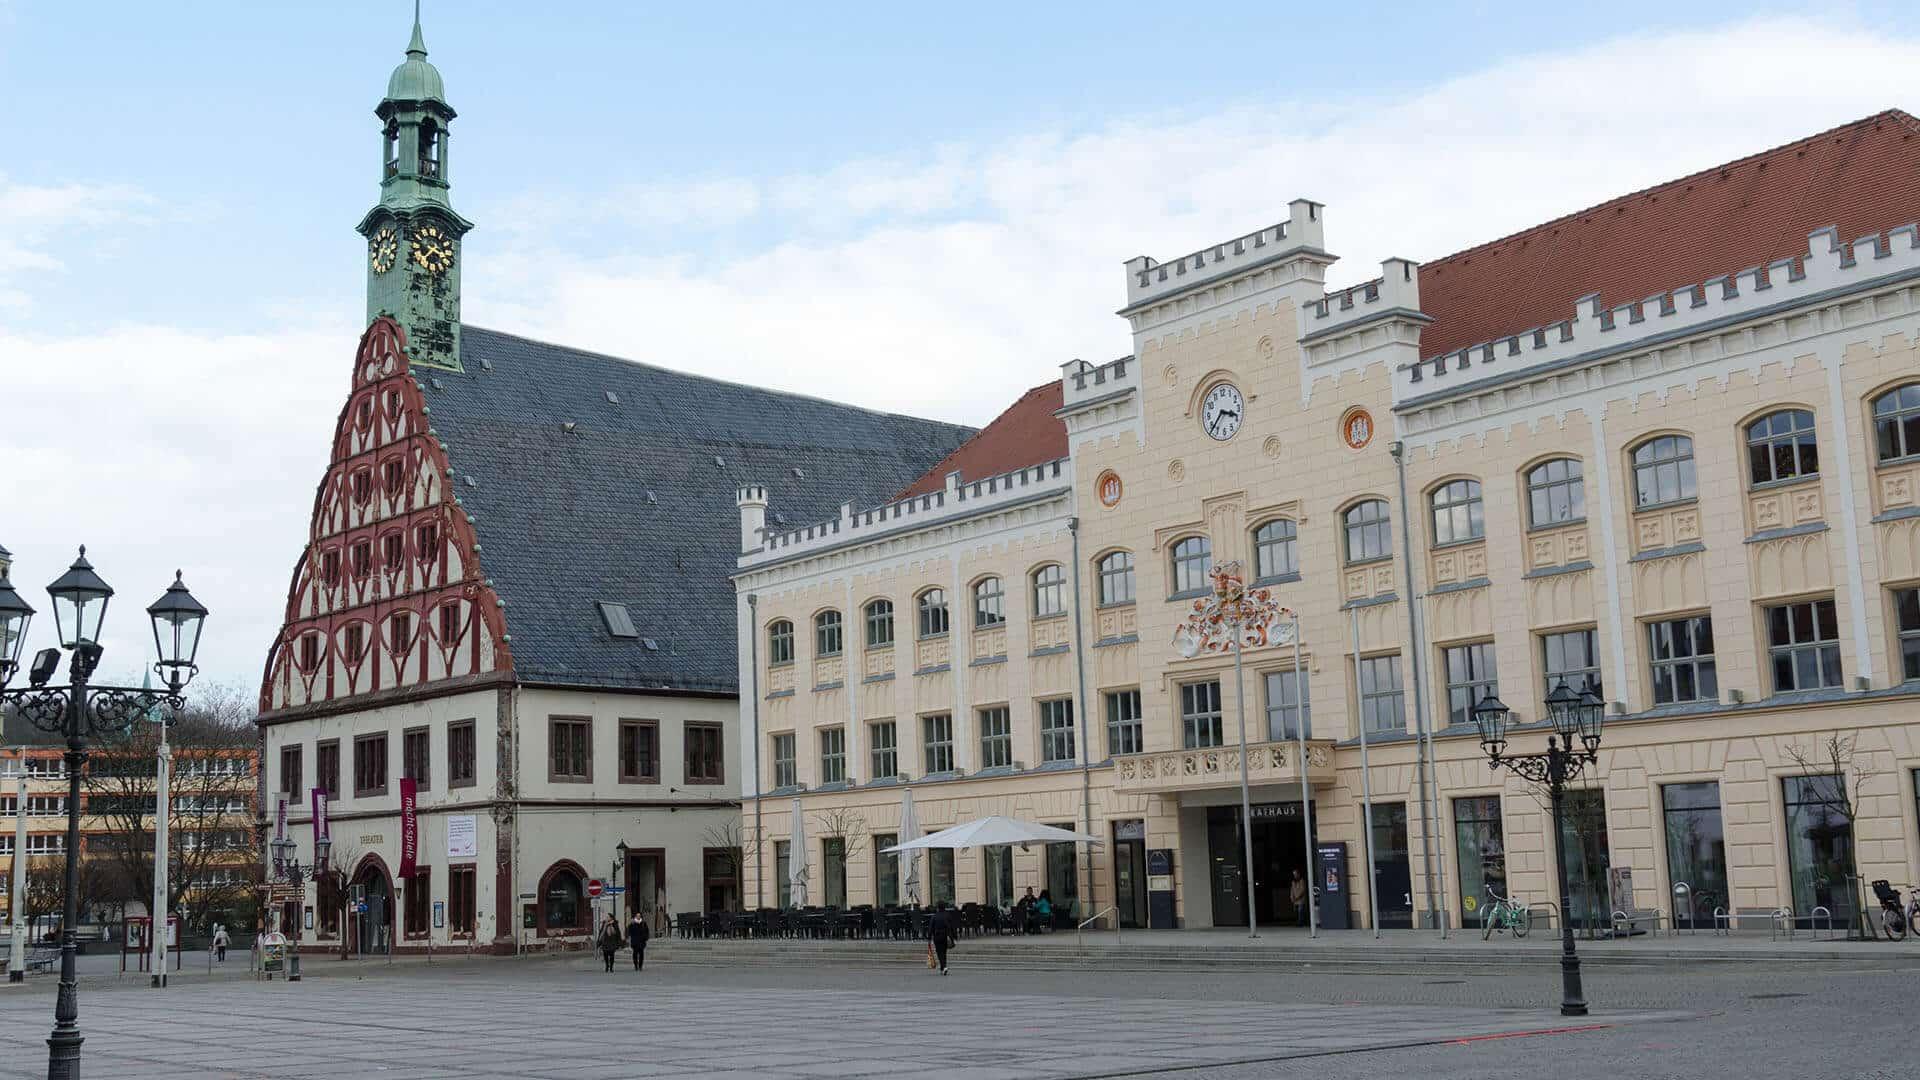 zwickau-stadt-webdesign-hd24-homepage-agentur-seo (1)